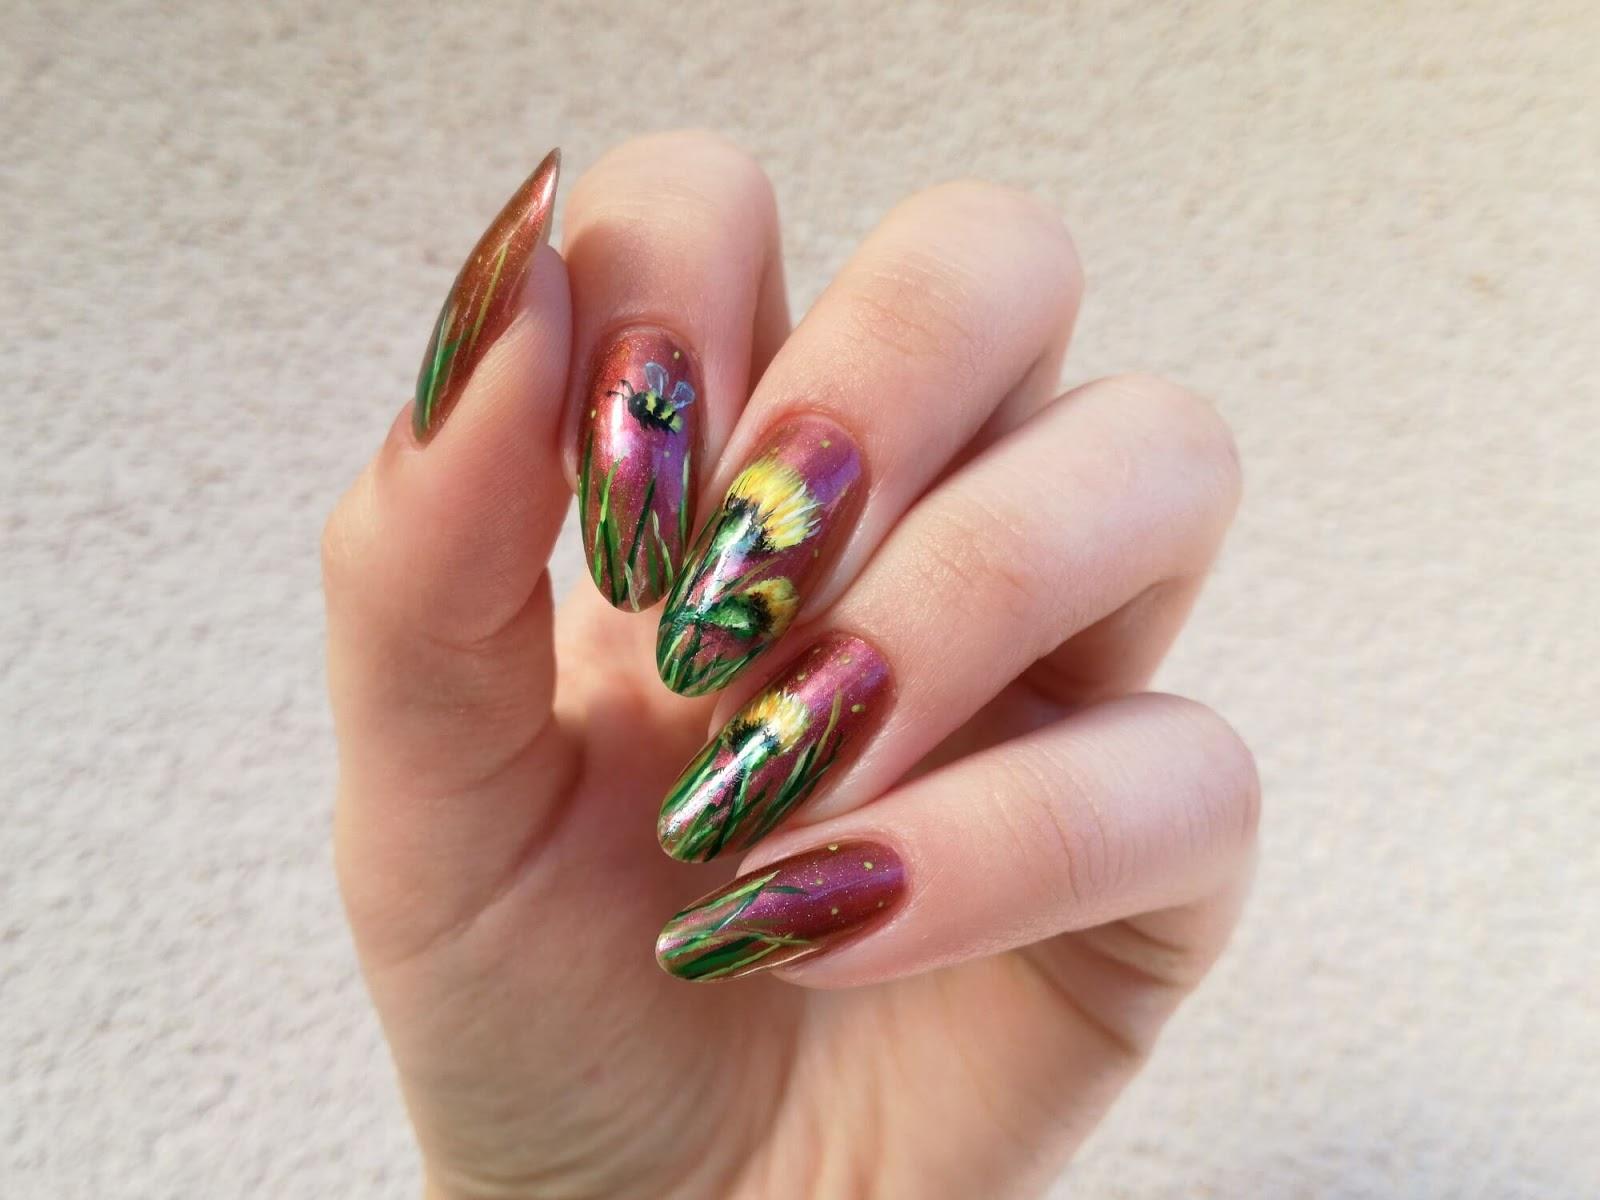 malowane żółte kwiaty - paznokcie